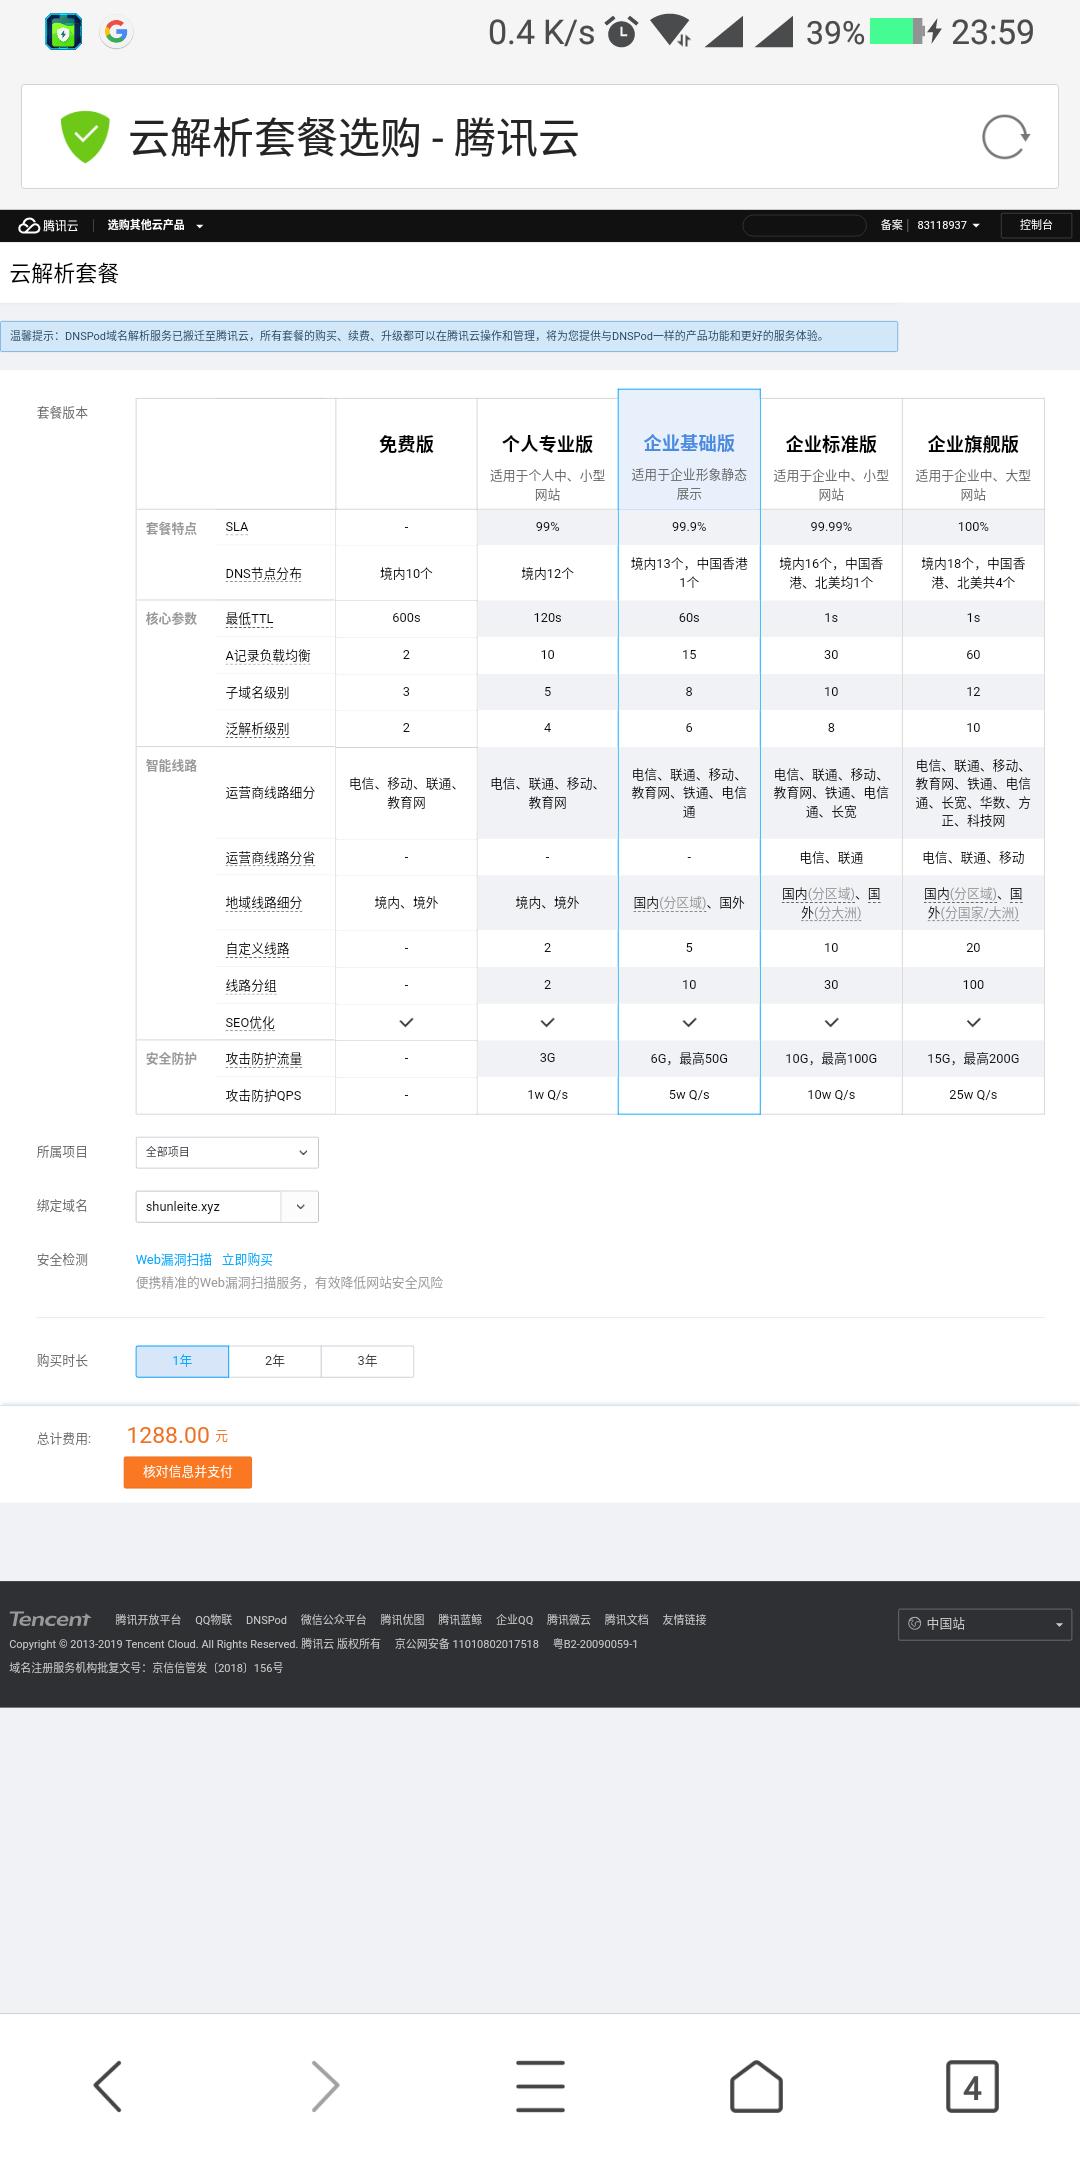 Screenshot_2019-05-25-23-59-43-721_com.tencent.mt.png